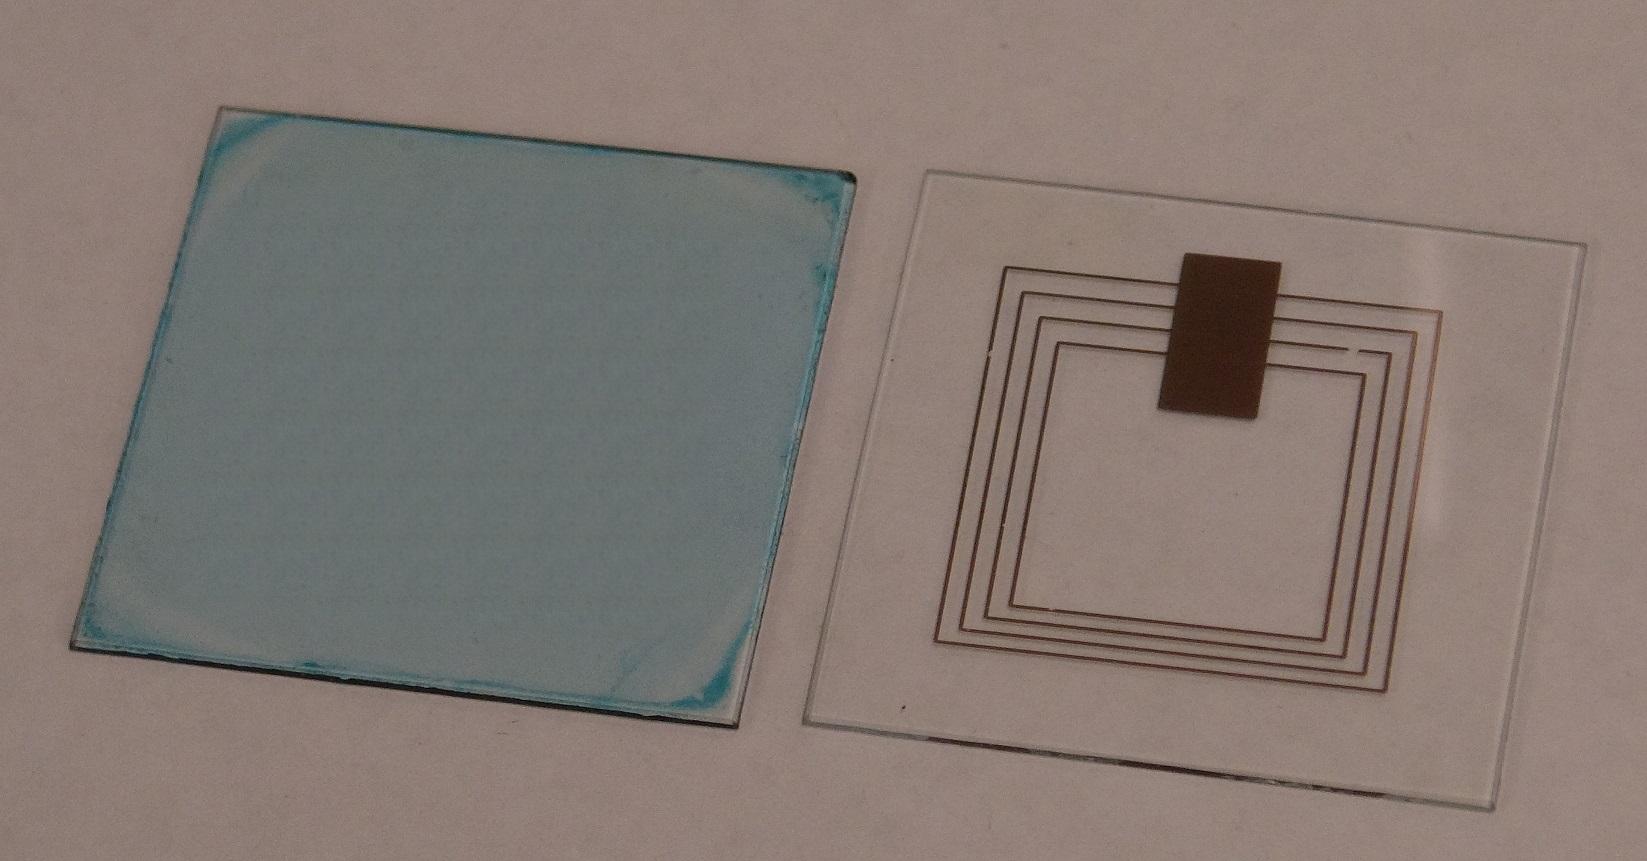 レーザー照射するだけで簡単に銅配線が形成できる技術を開発 -- 芝浦工業大学